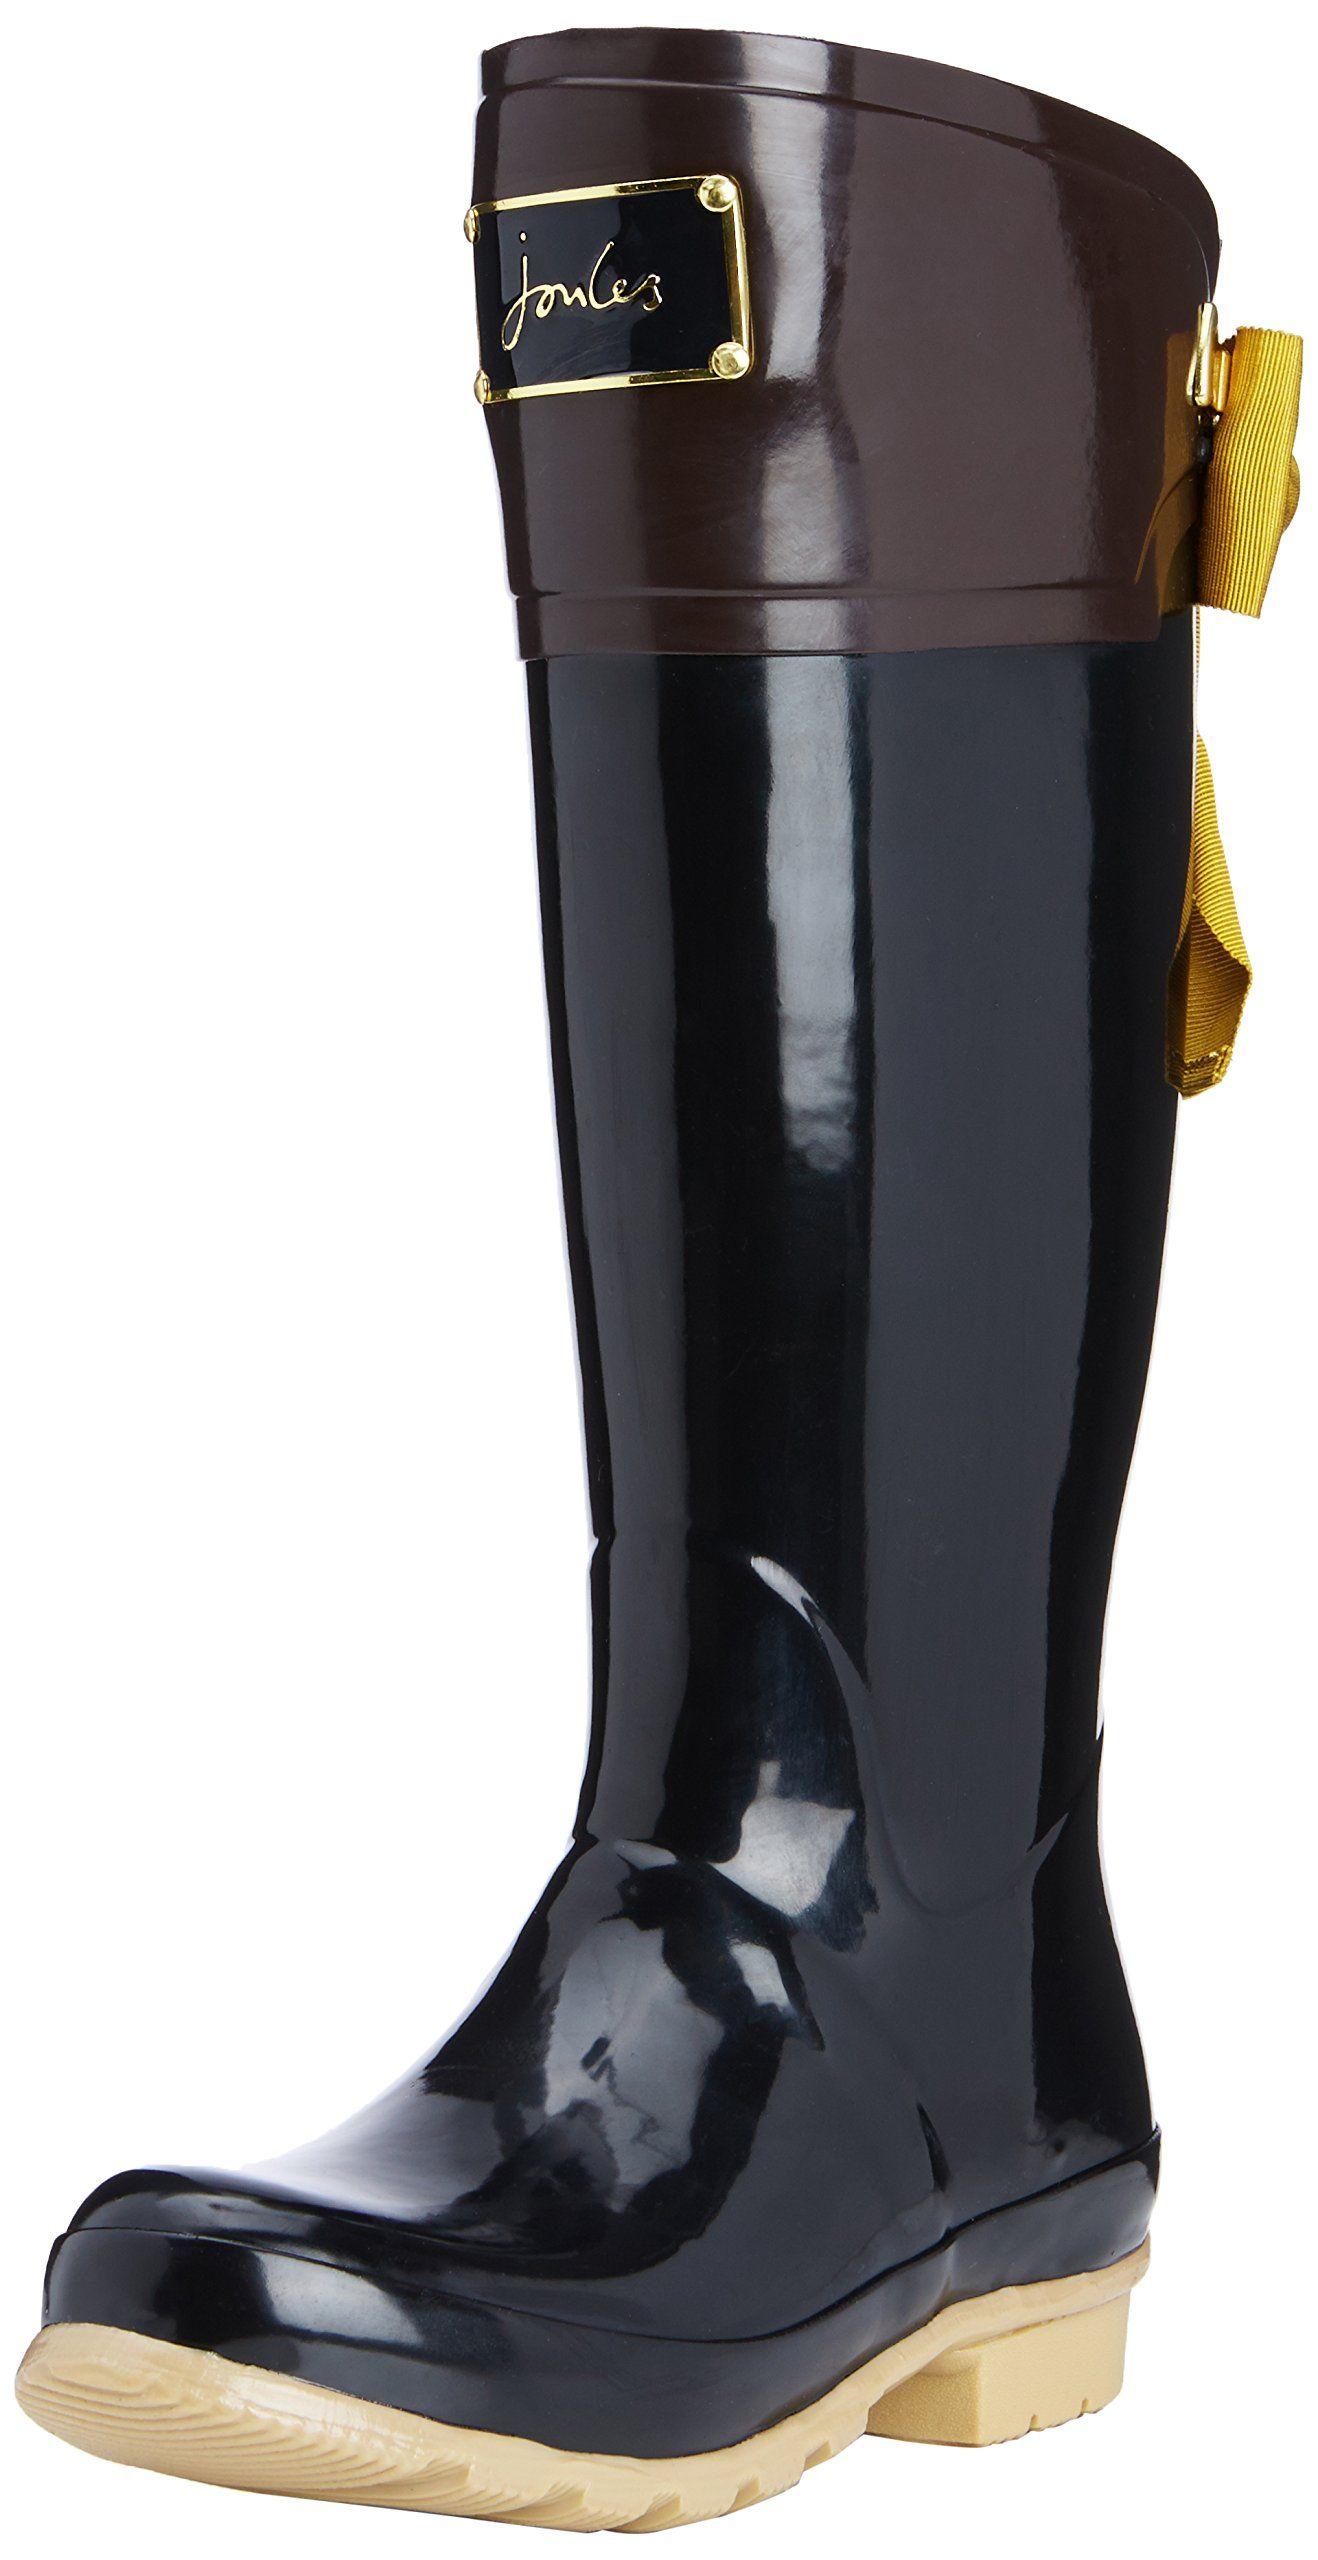 e6cefac5e6e Joules Women s Evedon Rain Boot